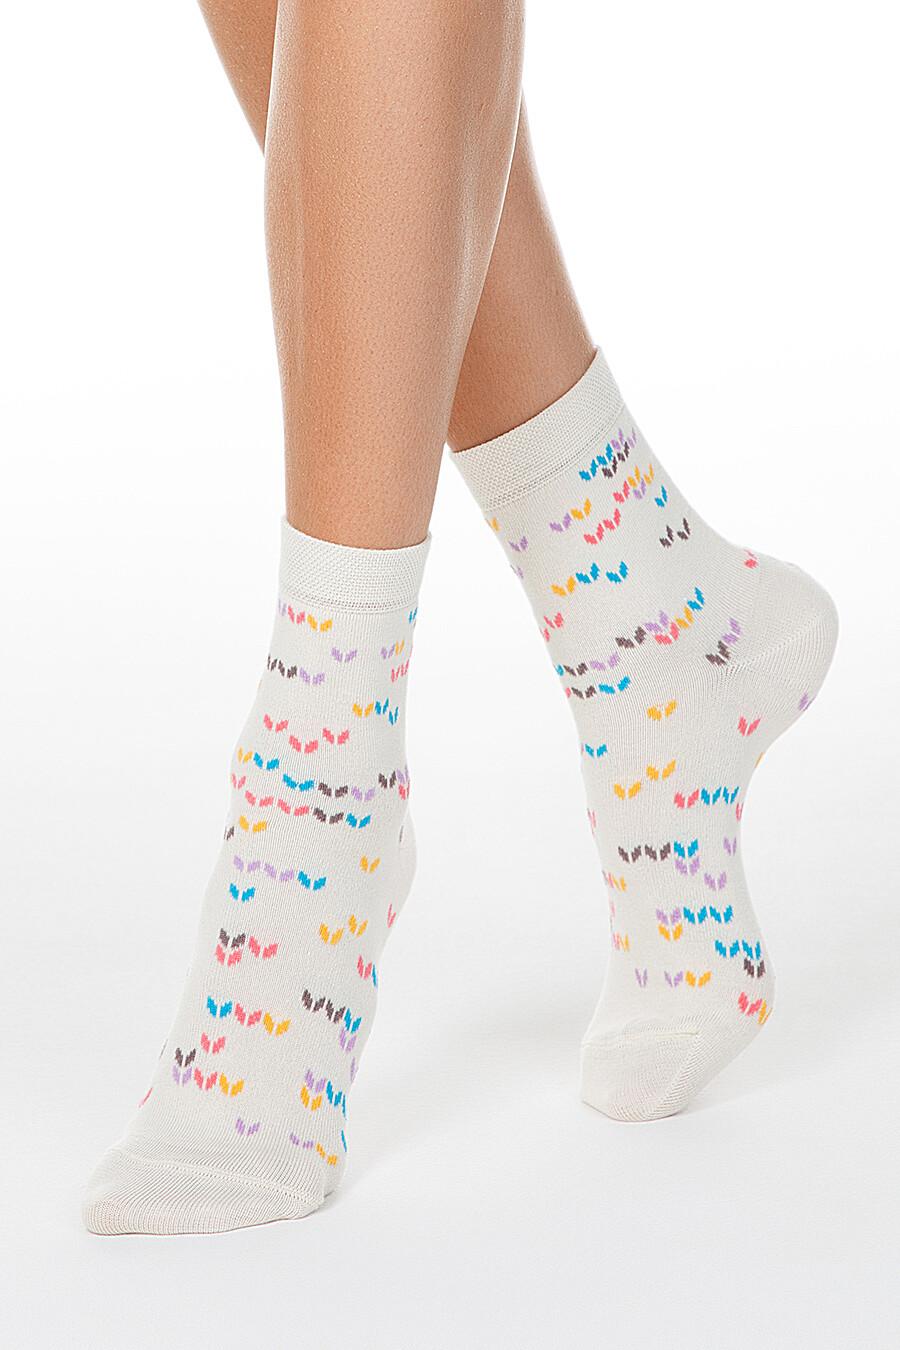 Носки для женщин БРЕСТСКИЕ 226869 купить оптом от производителя. Совместная покупка женской одежды в OptMoyo